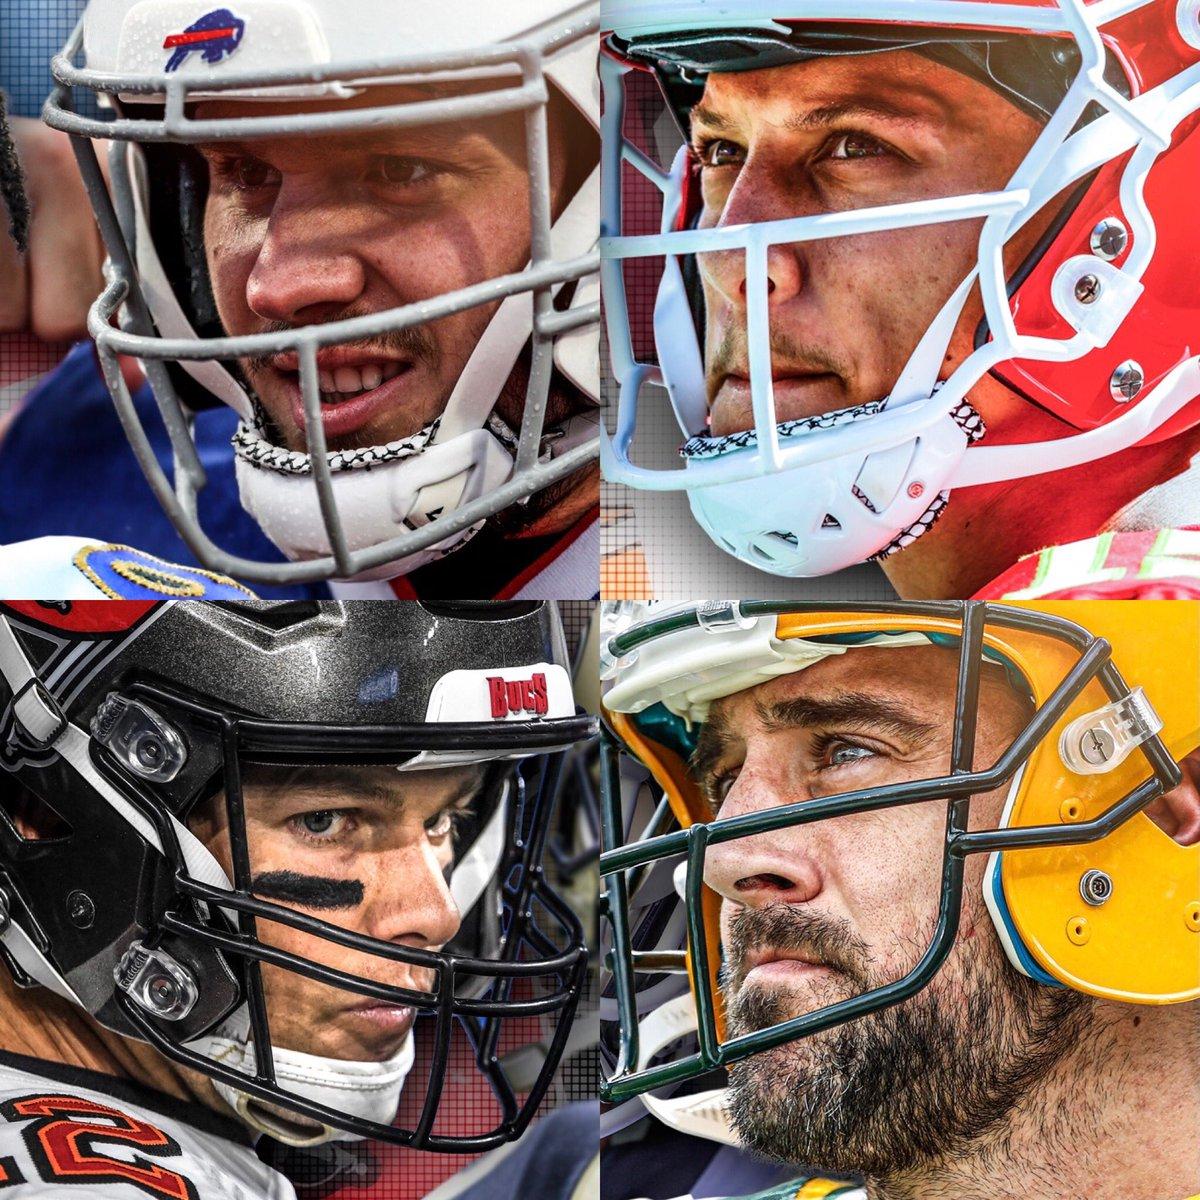 Pasado, presente y futuro de la NFL. ¿Quién es su favorito para levantar el Vince Lombardi? #NFL #NFLPlayoffs   #ChiefsKingdom  #BillsMafia  #GoPackGo  #GoBucs